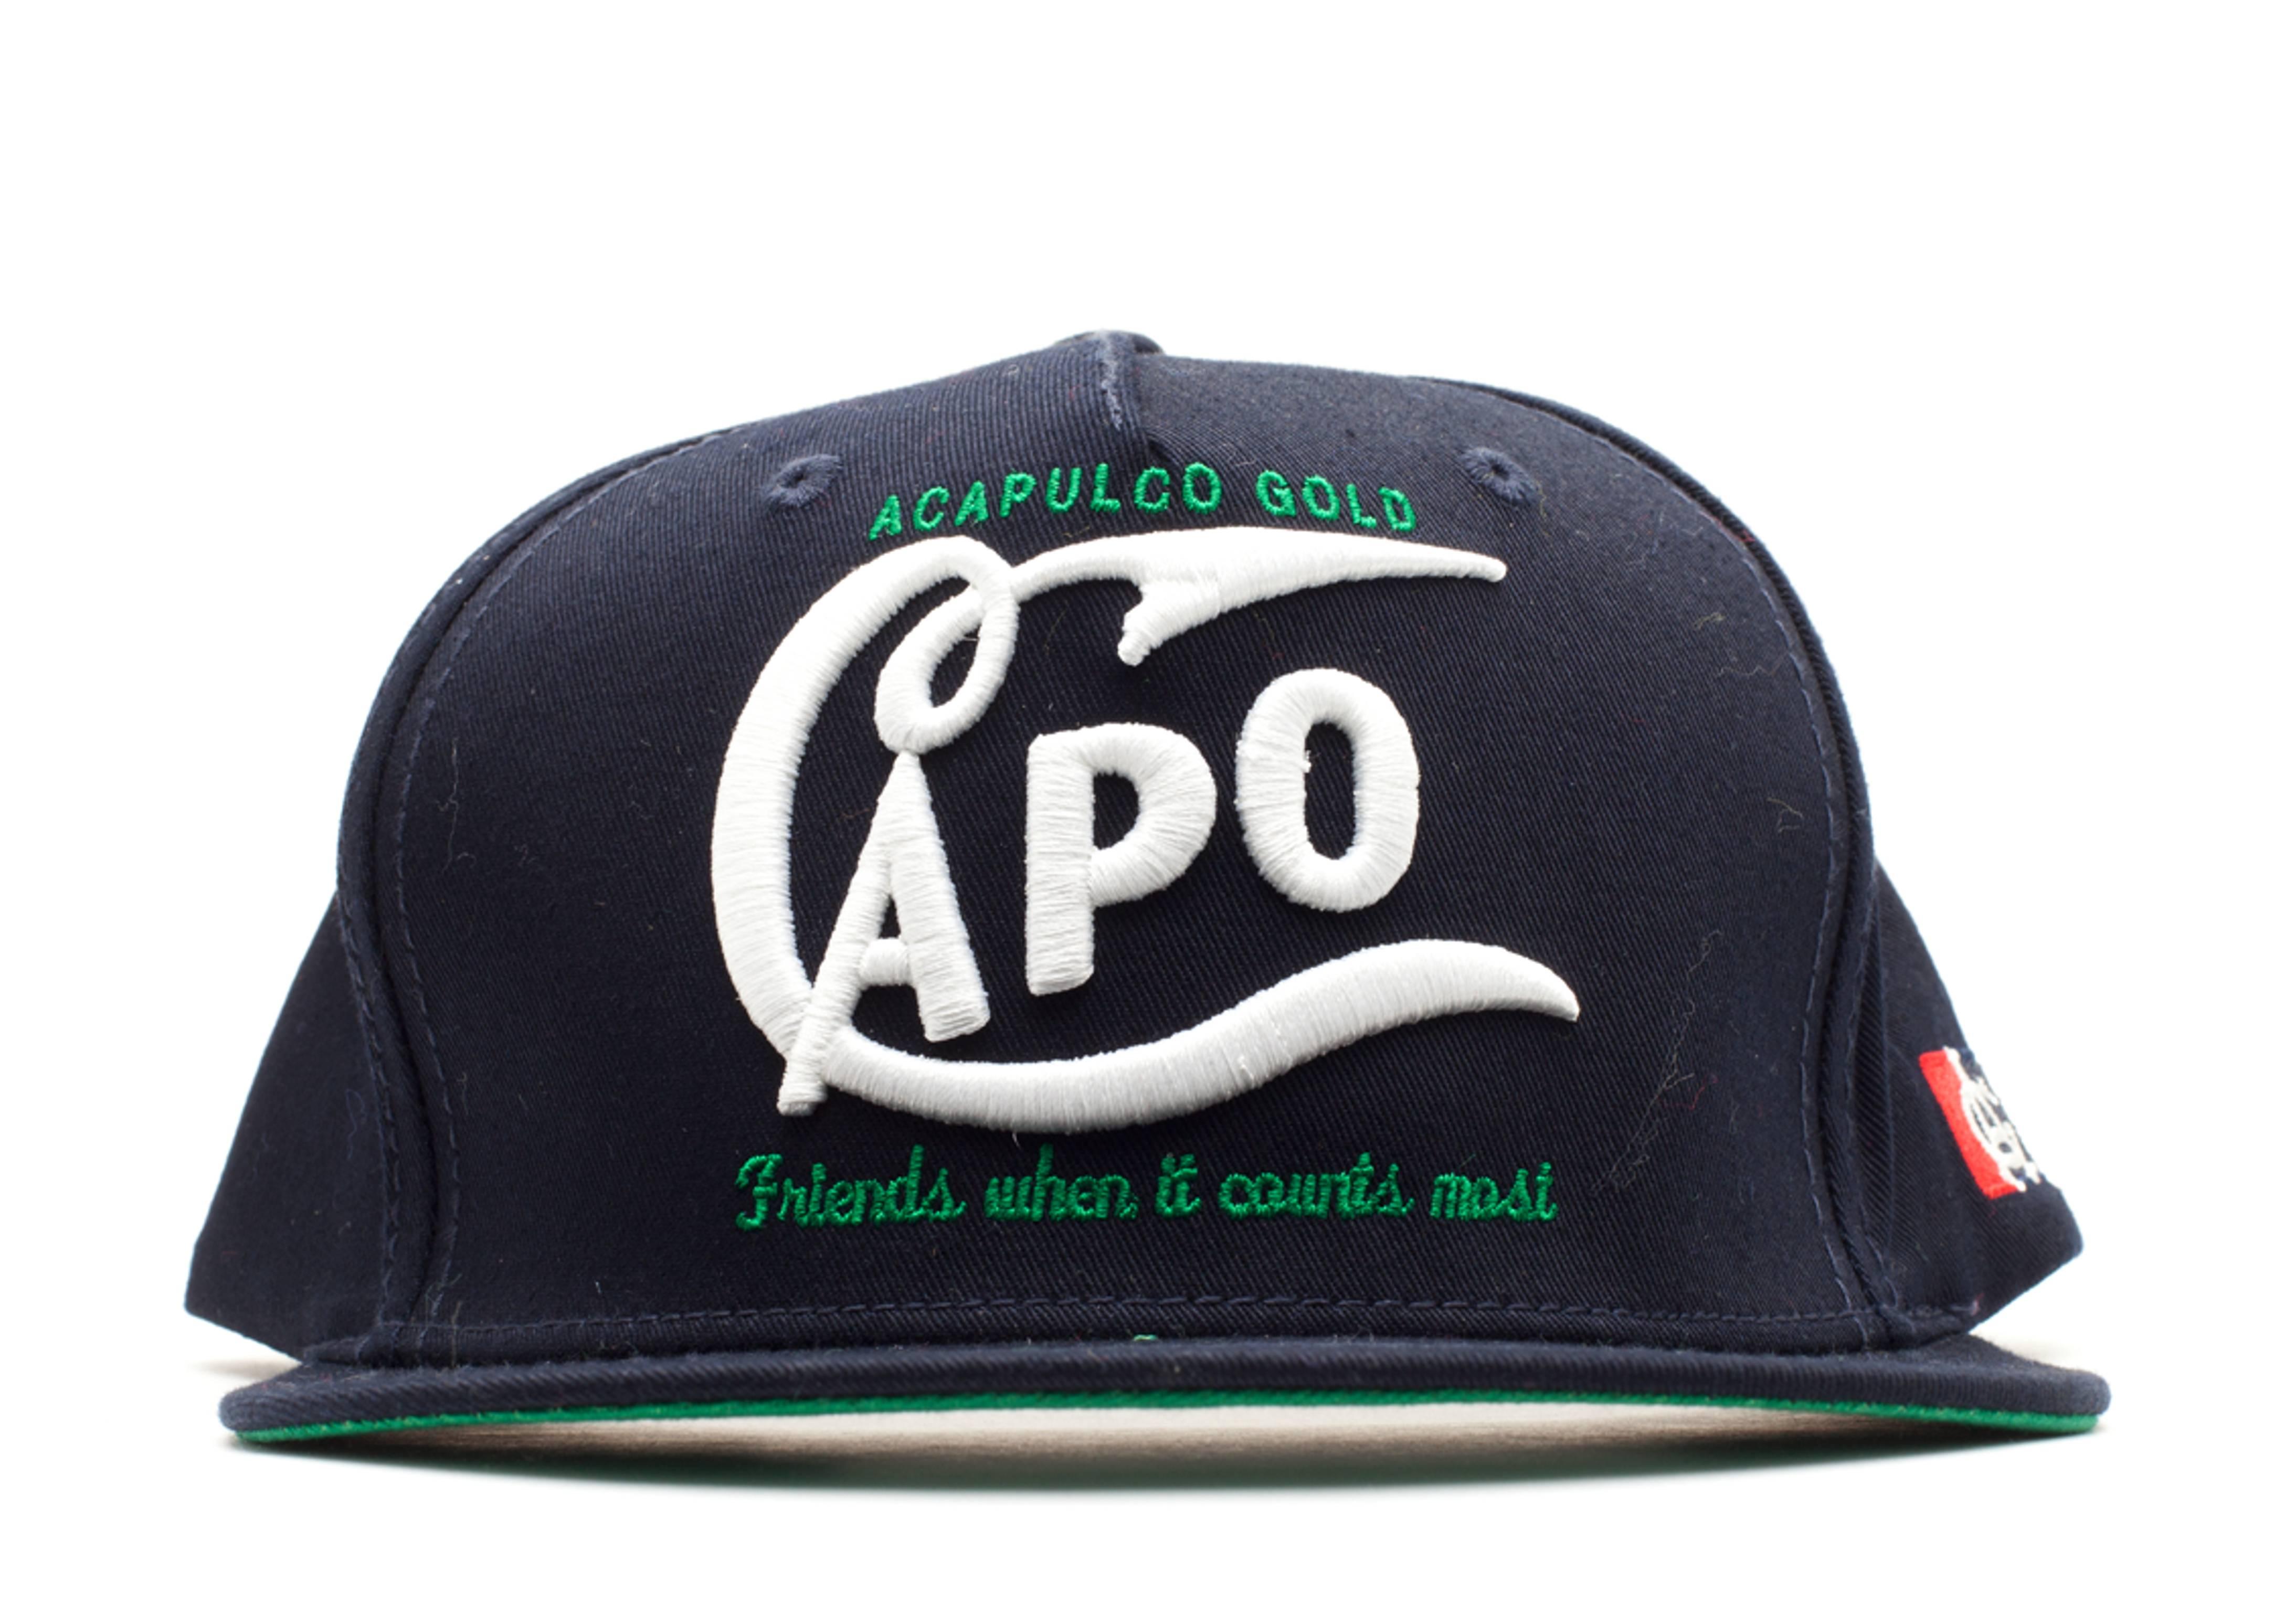 capo snap-back